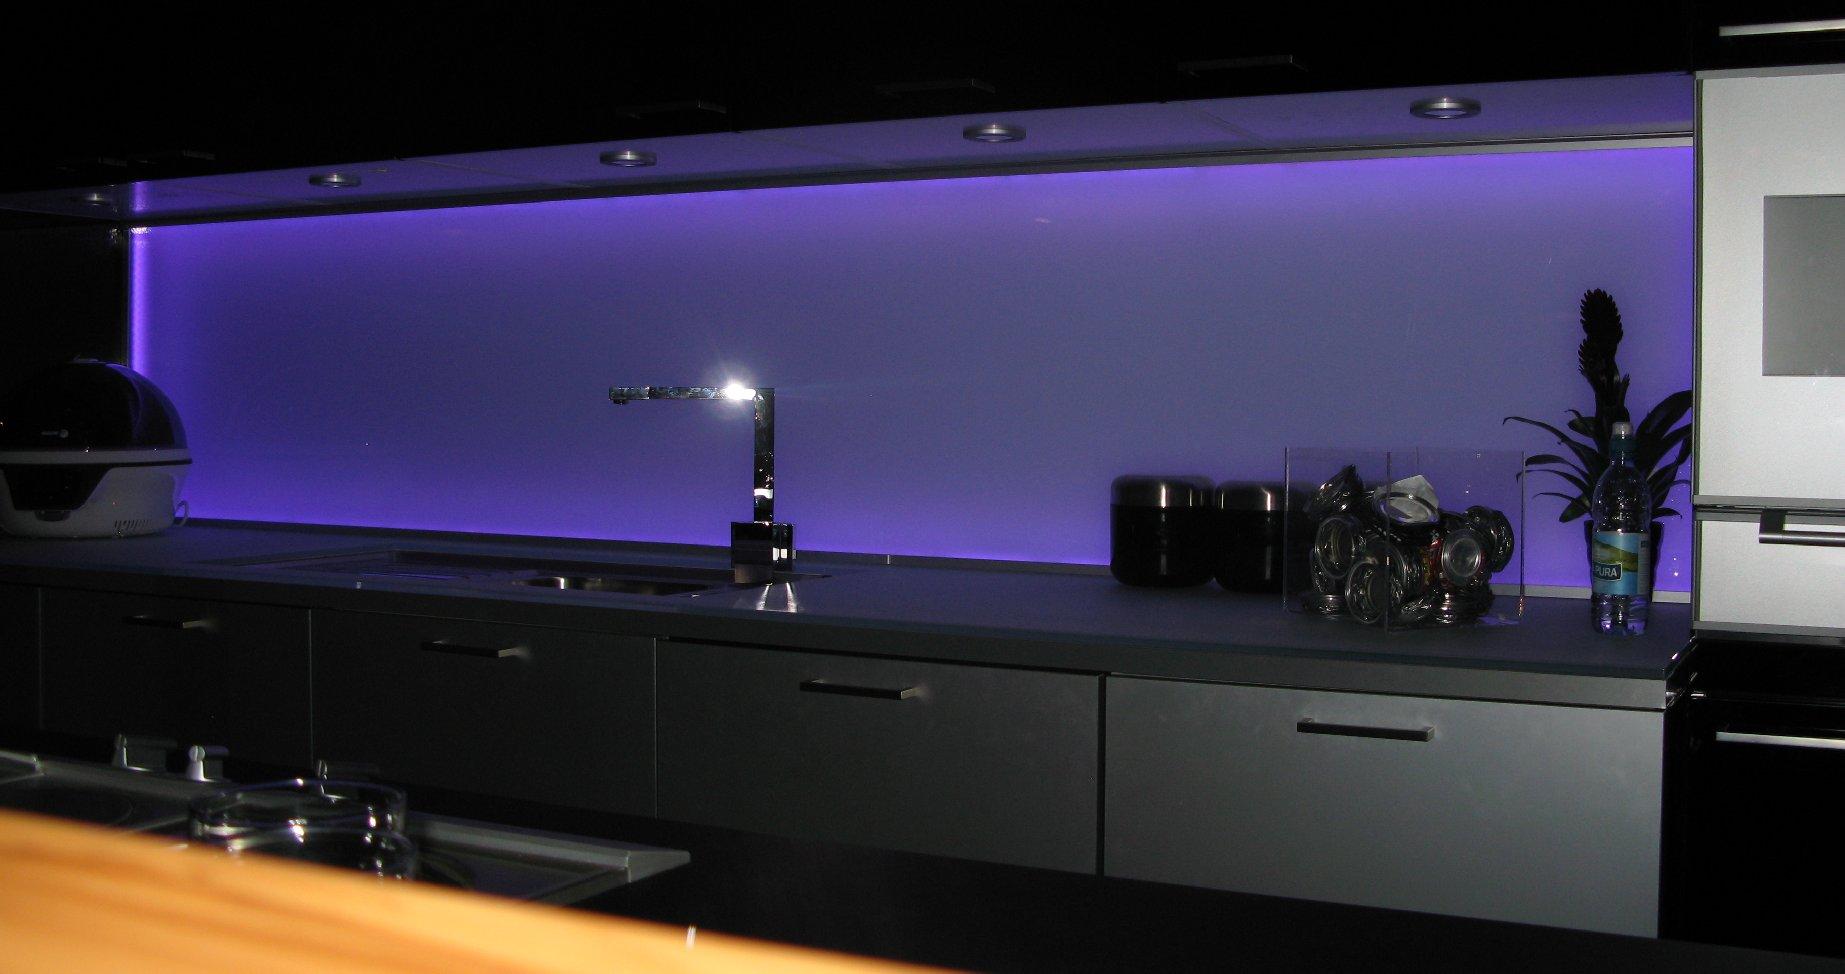 Как сделать подсветку кухонного фартука из стекла: варианты освещения